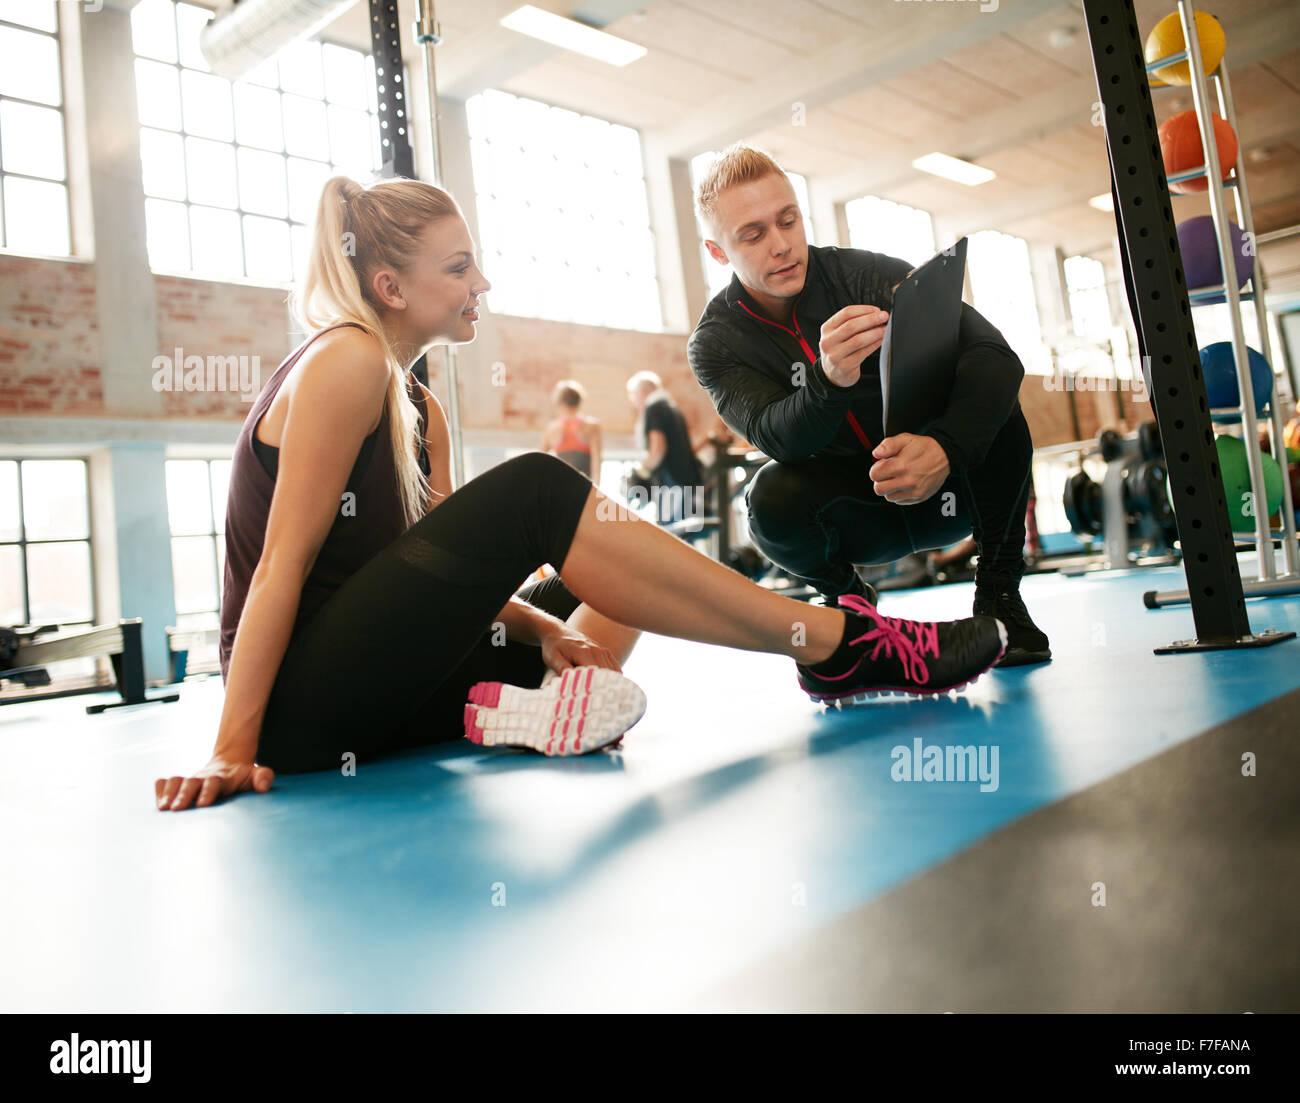 Entraîneur personnel aider jeune femme pour son travail sur les routines de fitness. Femme assise sur étage Photo Stock